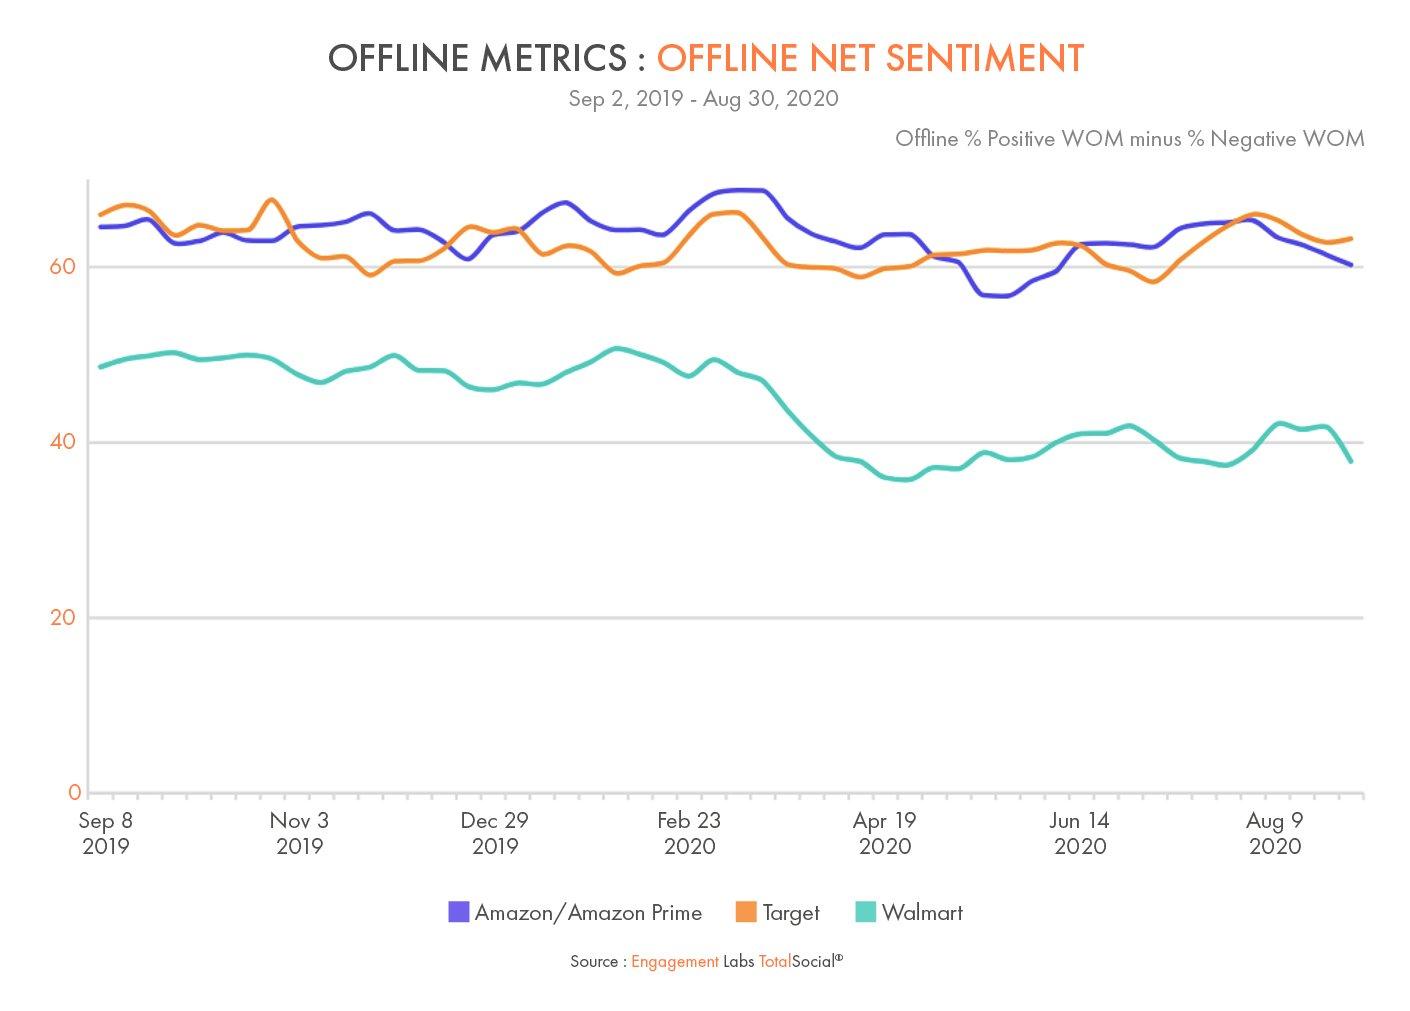 Offline Conversation Net Sentiment - Amazon vs Target vs Walmart